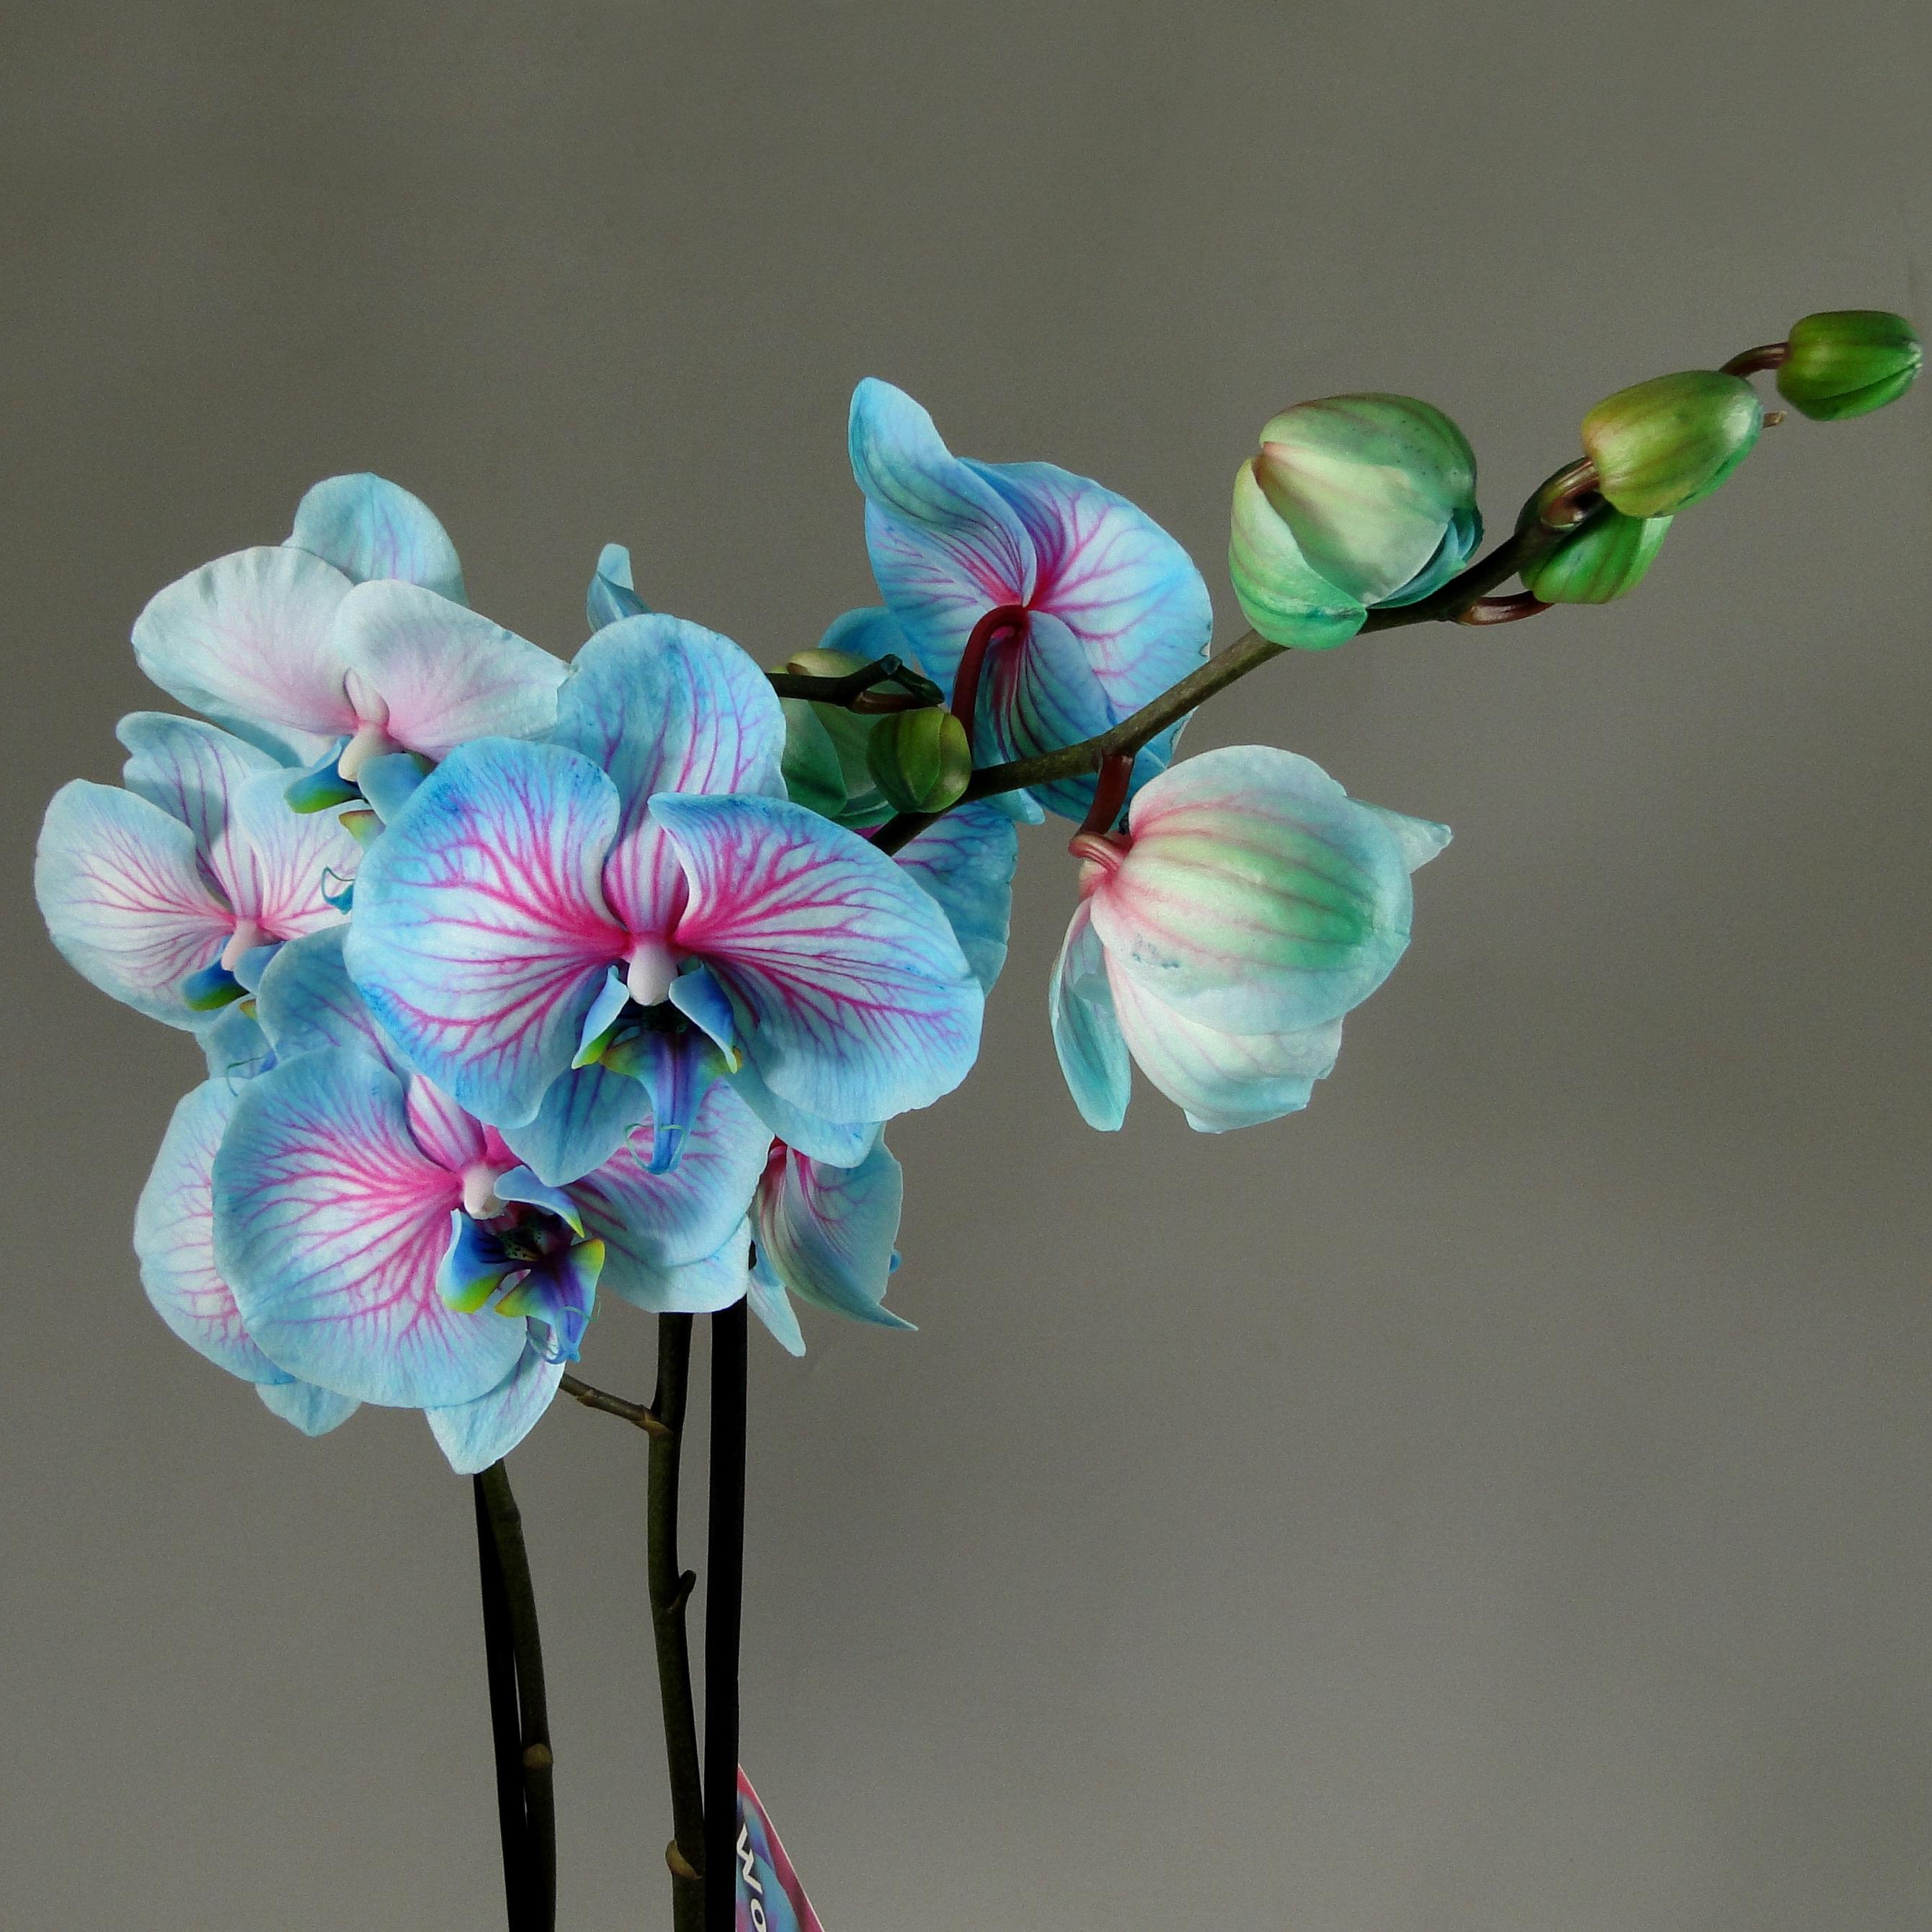 Орхидея фаленопсис голубая с розовым